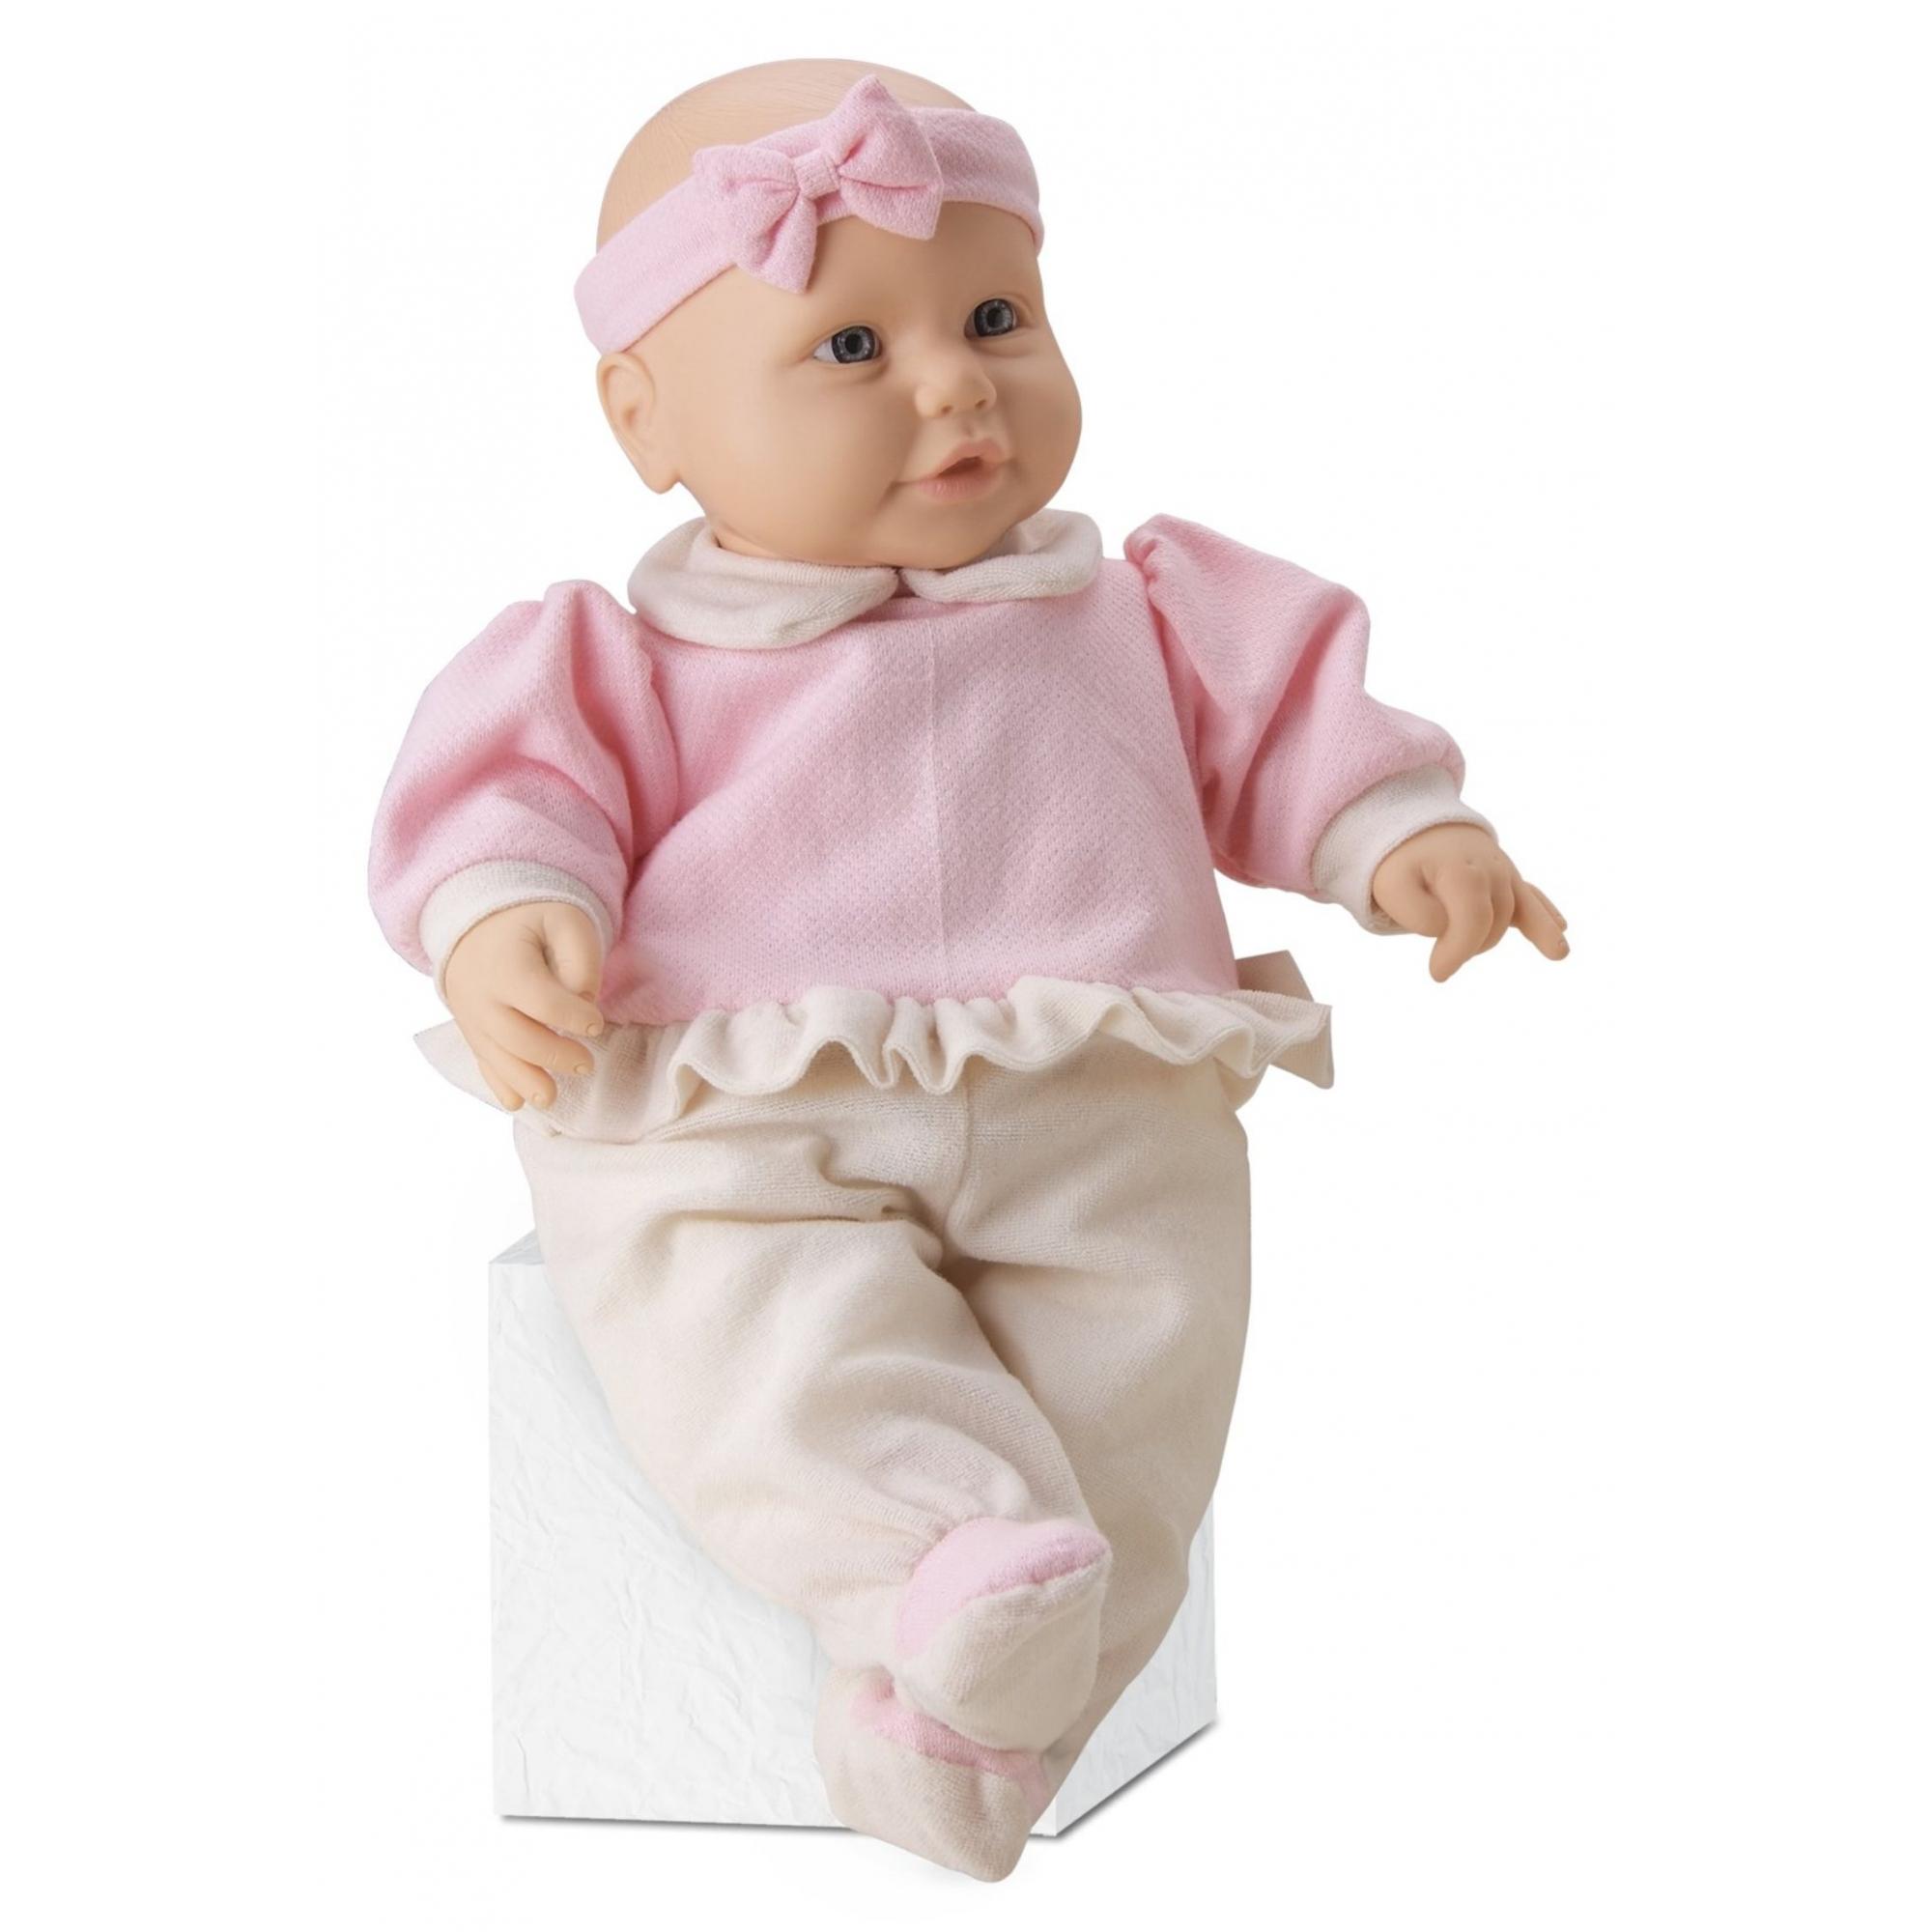 Boneca Sensor Doll Repete - Roma Brinquedos